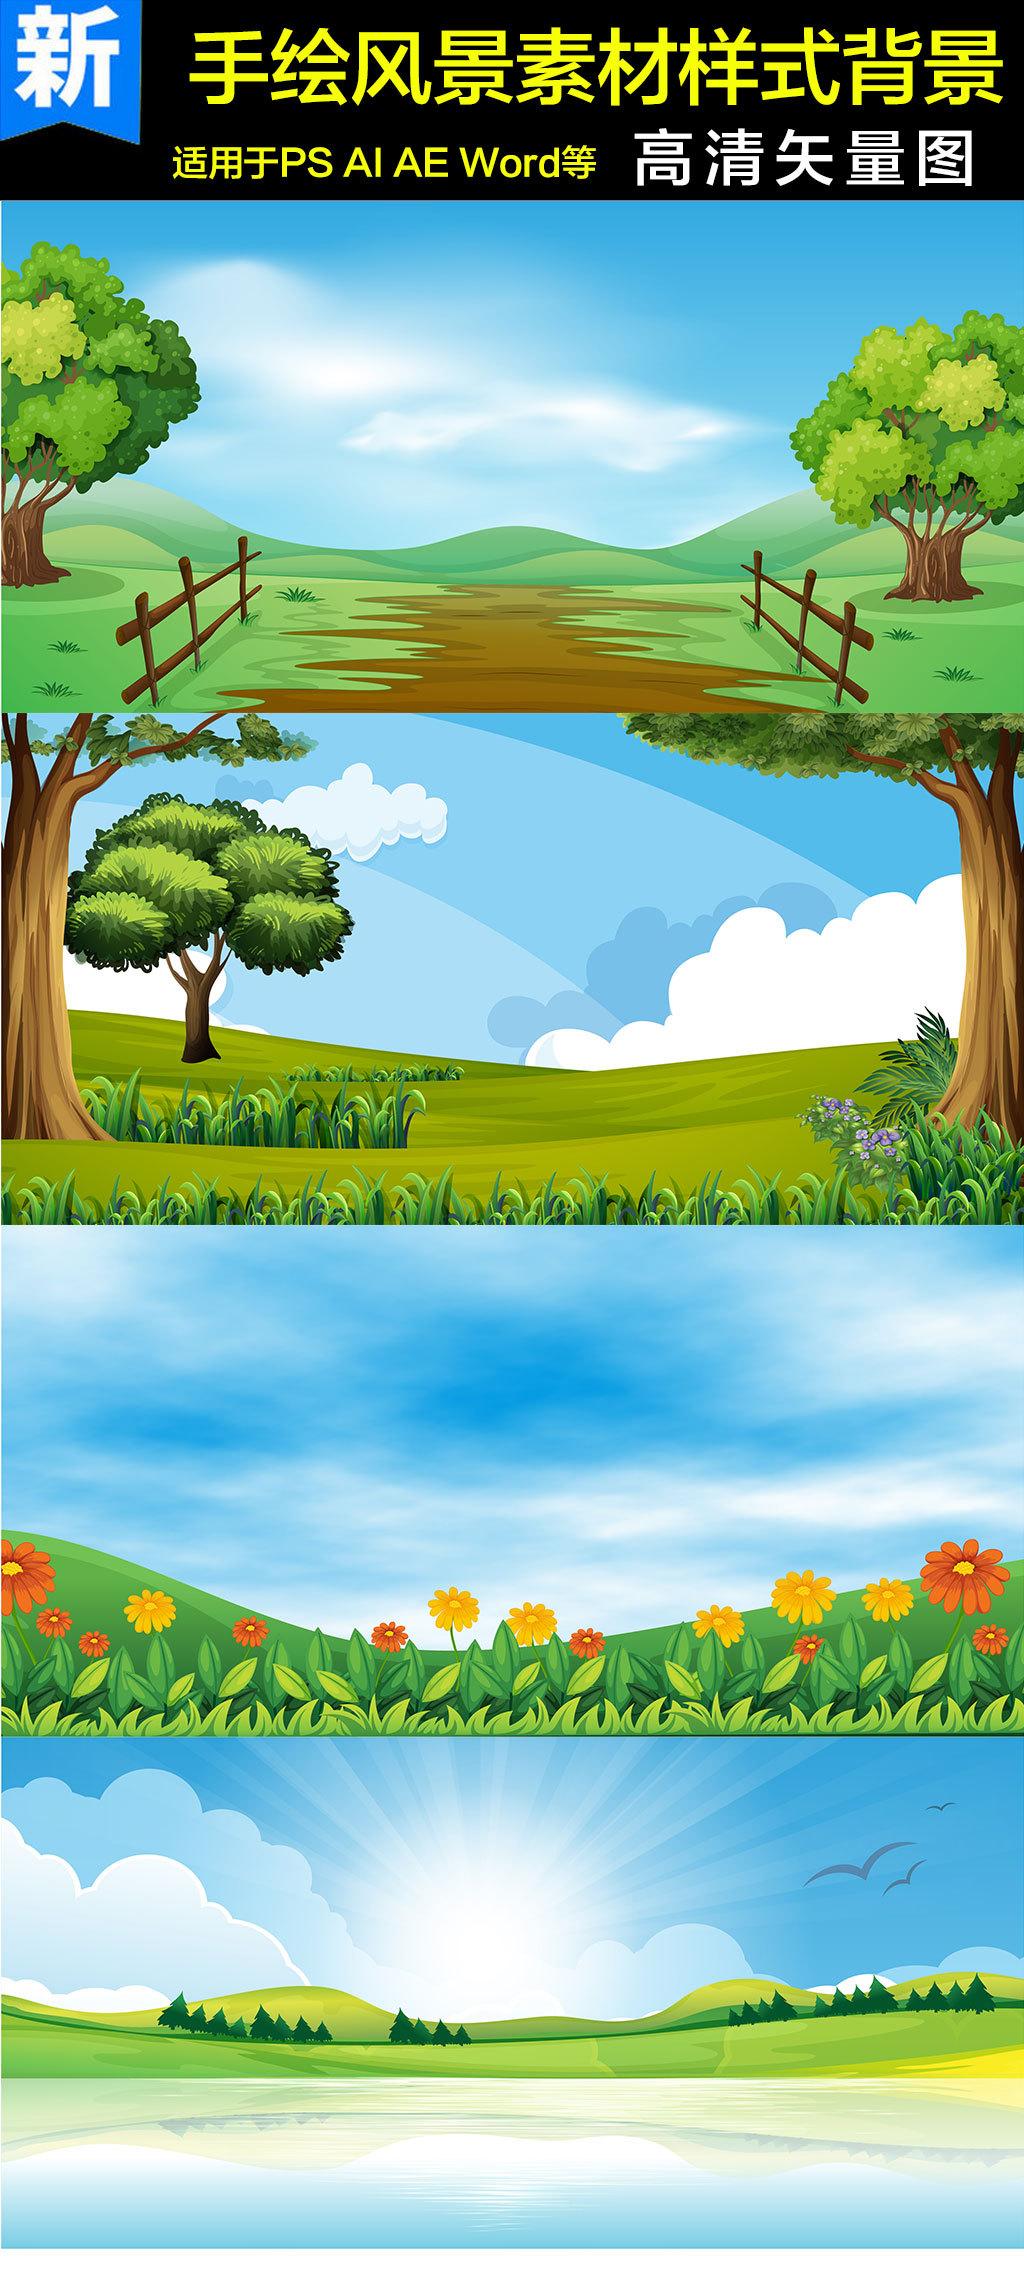 手绘风景素材样式背景设计图